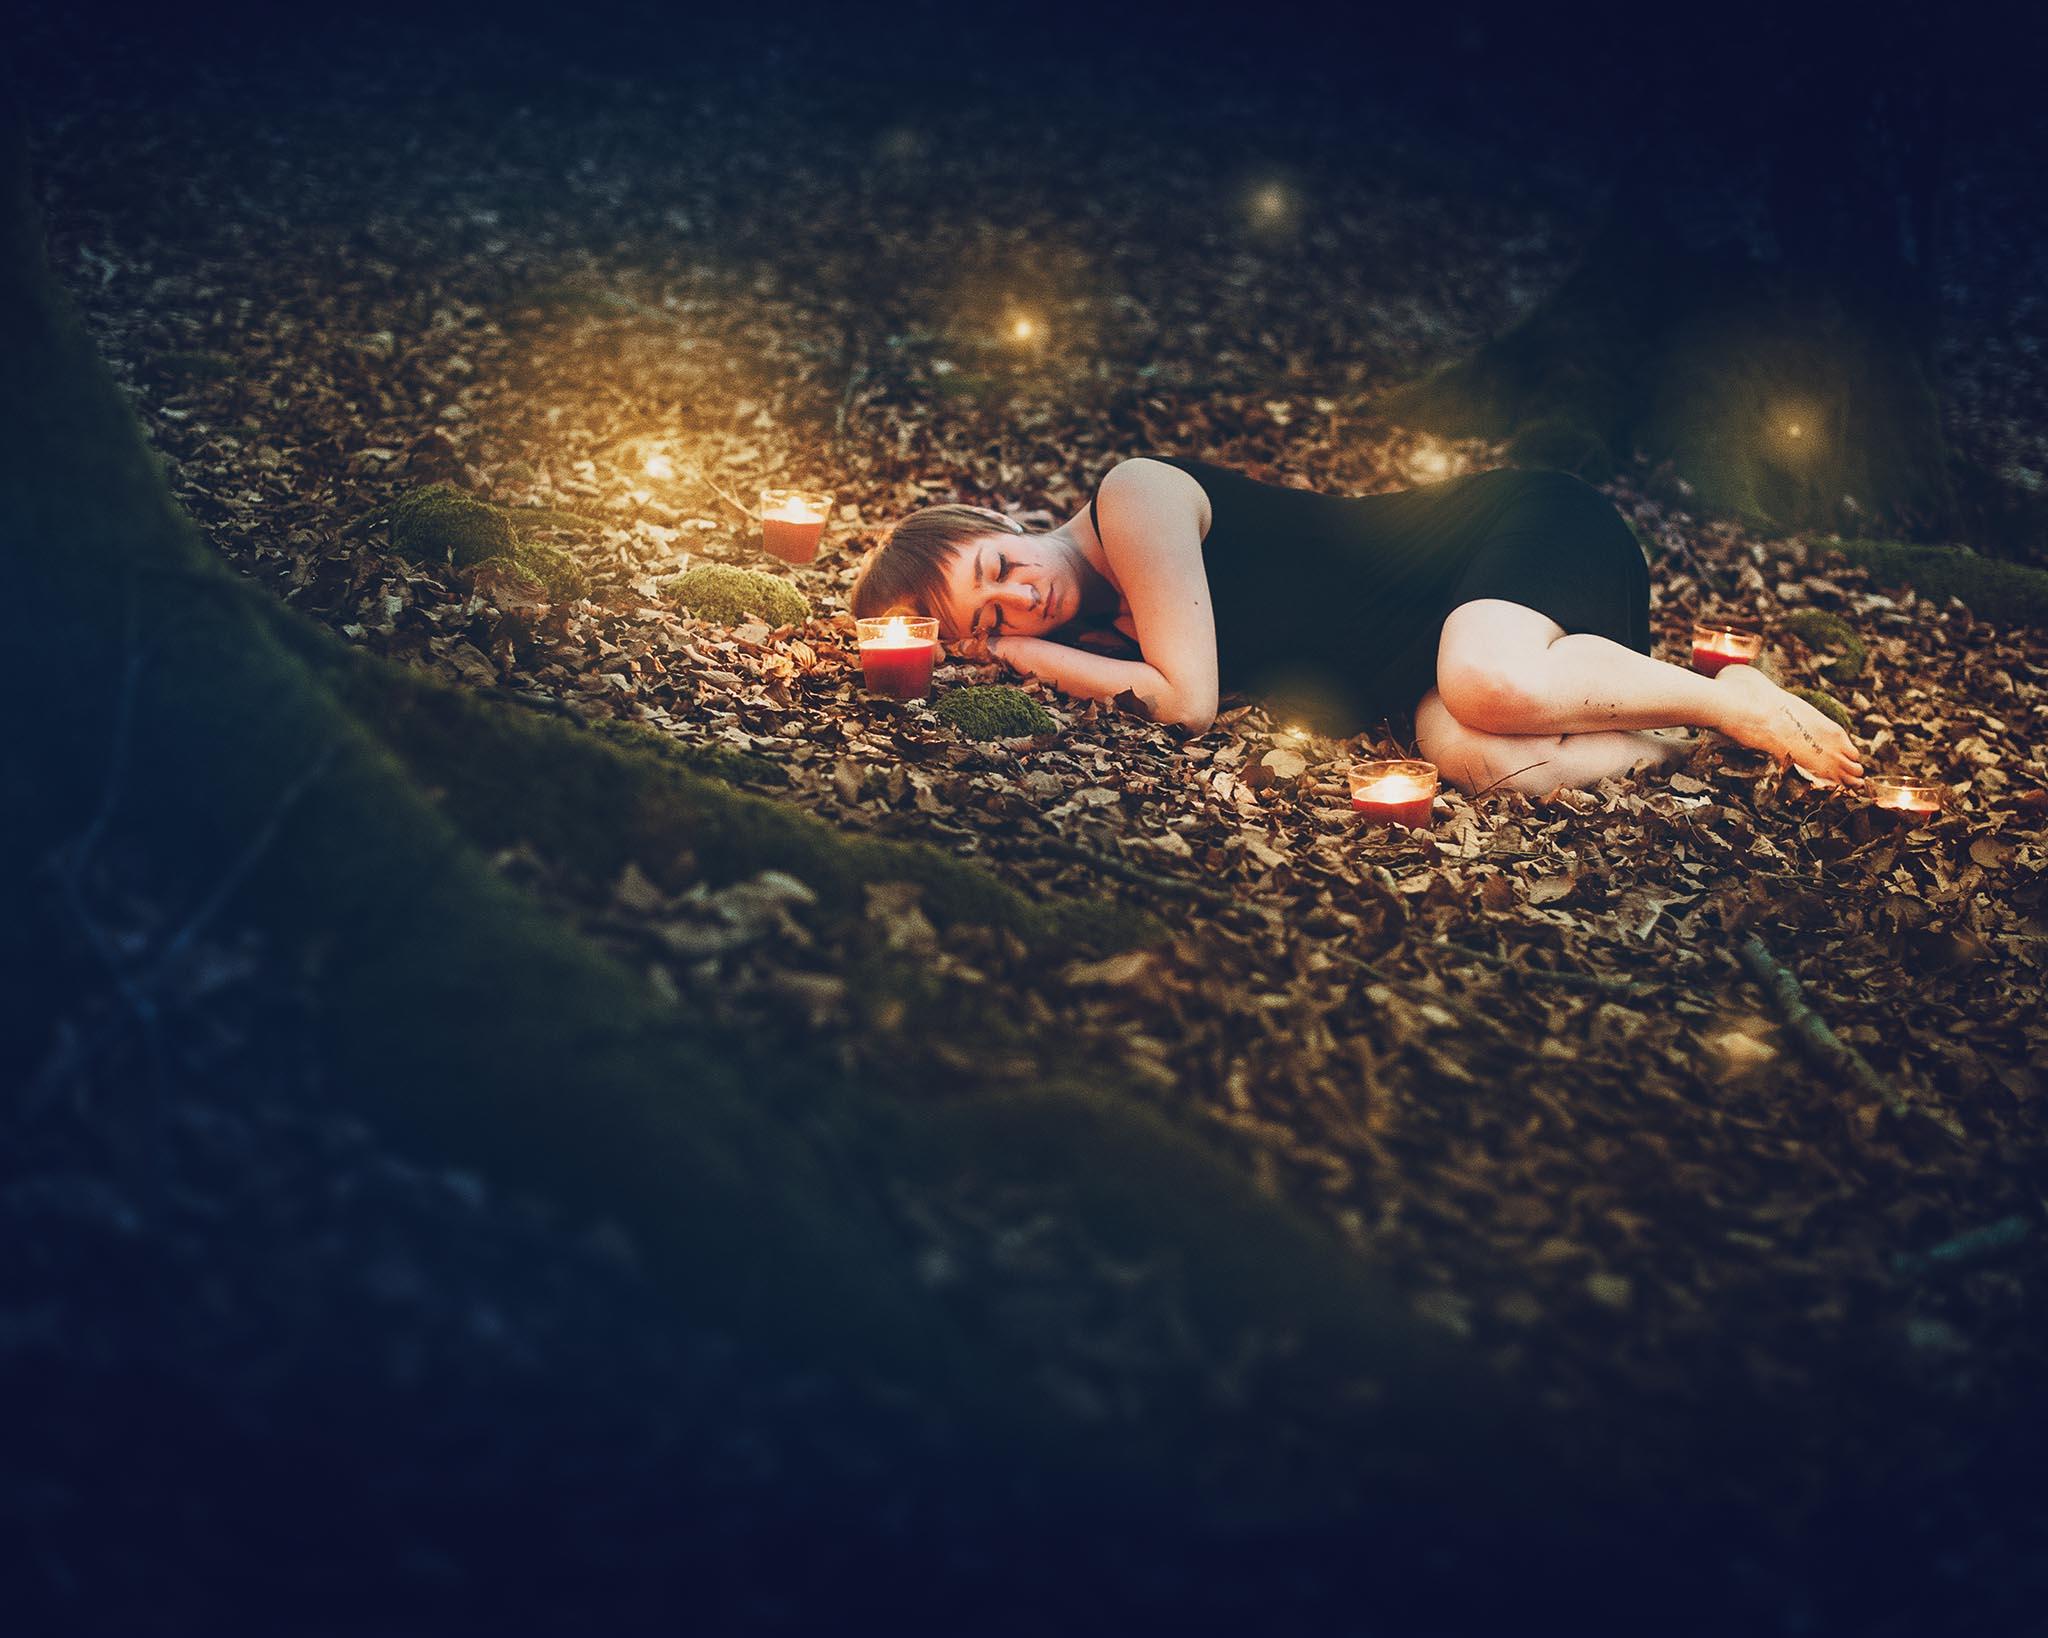 Luz sombras y fantasia 7 - web